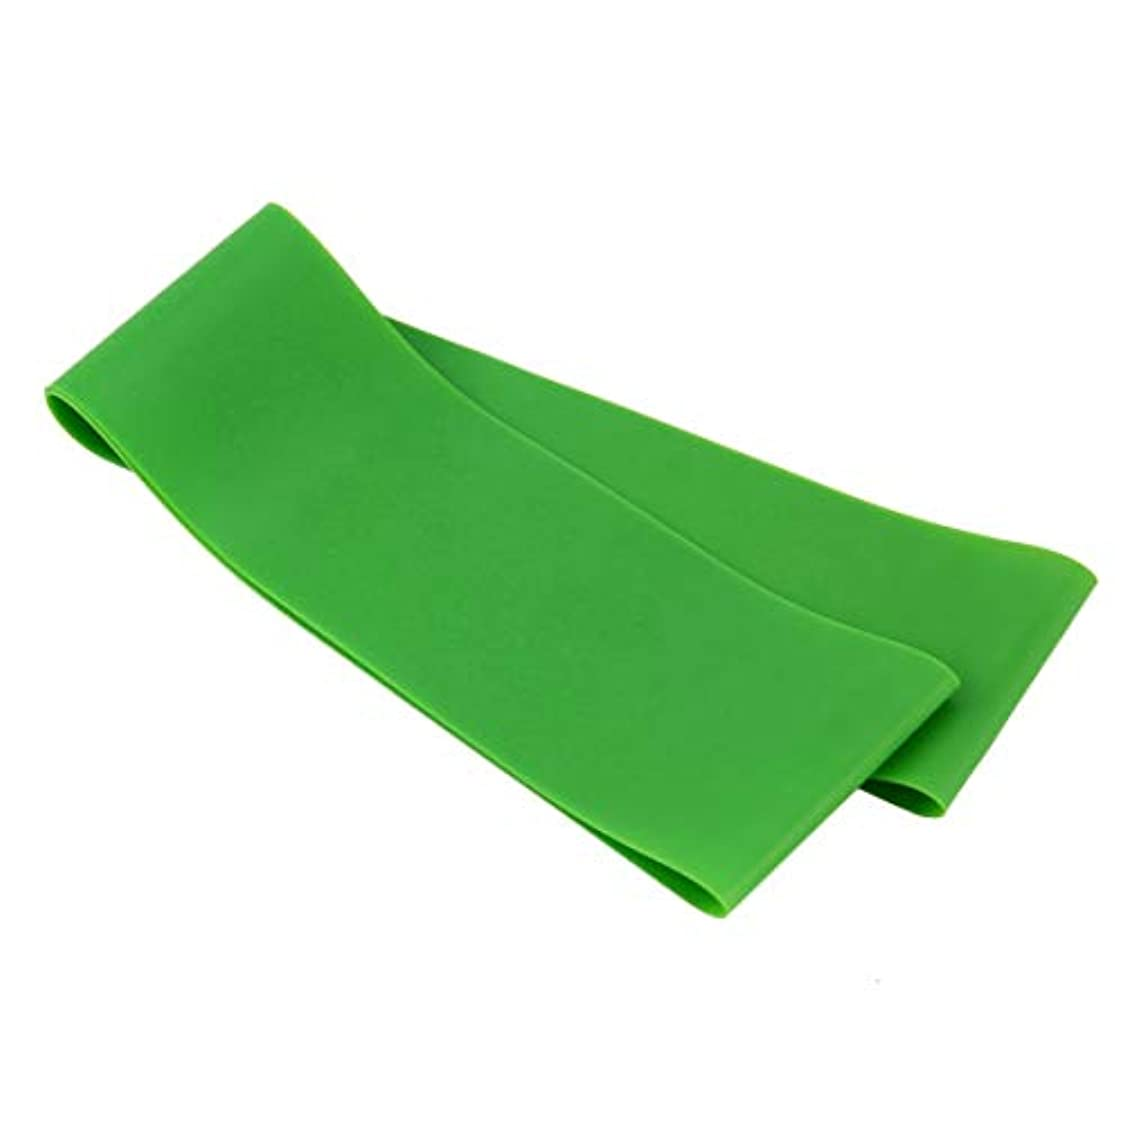 現実には真実余裕がある滑り止め伸縮性ゴム弾性ヨガベルトバンドプルロープ張力抵抗バンドループ強度のためのフィットネスヨガツール - グリーン